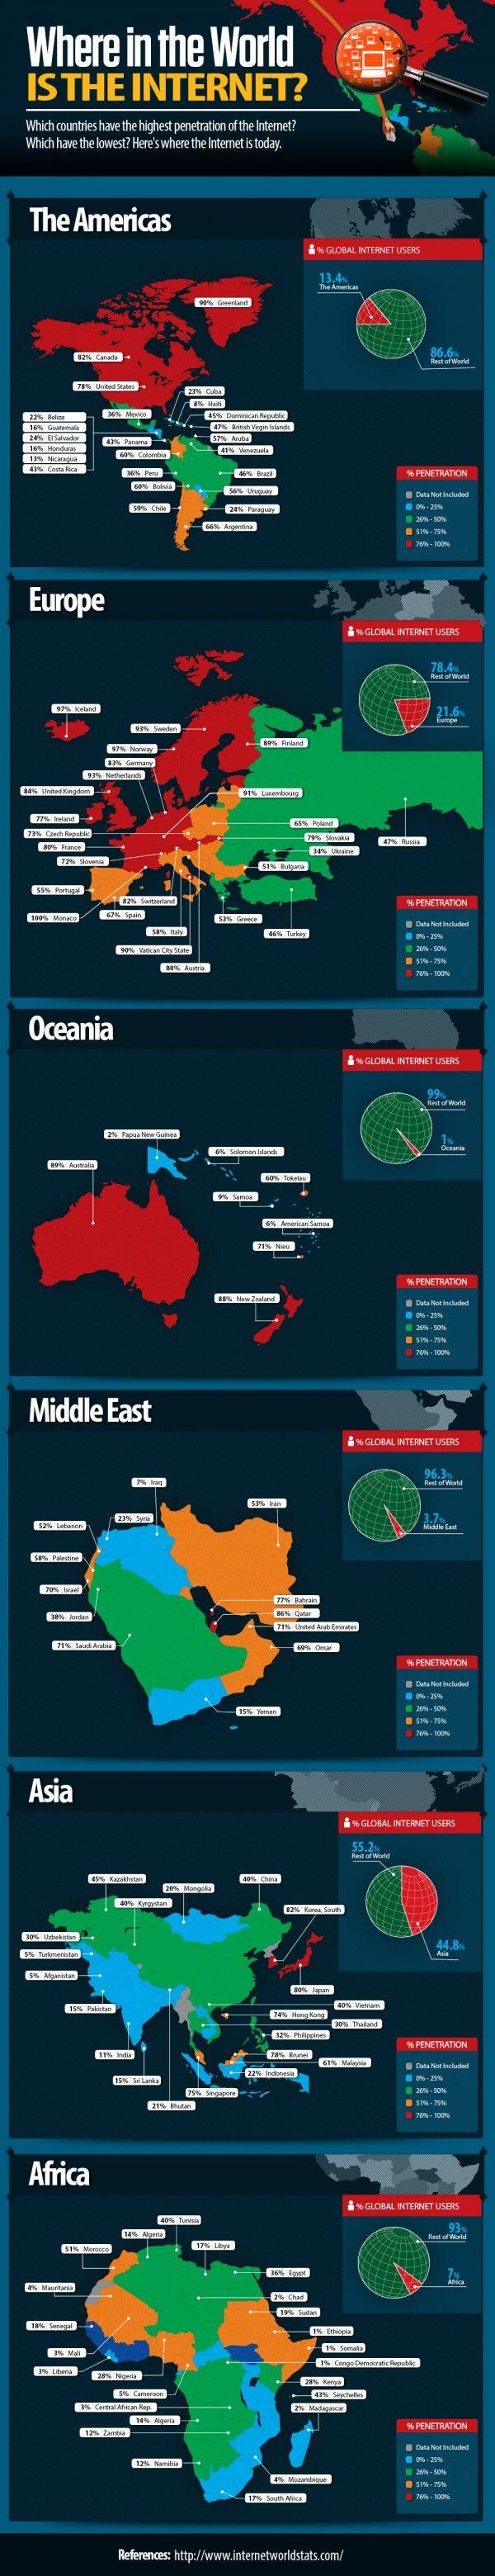 ¿Qué países tienen la mayor penetración de Internet en el mundo? repinned by @Pablo Coraje